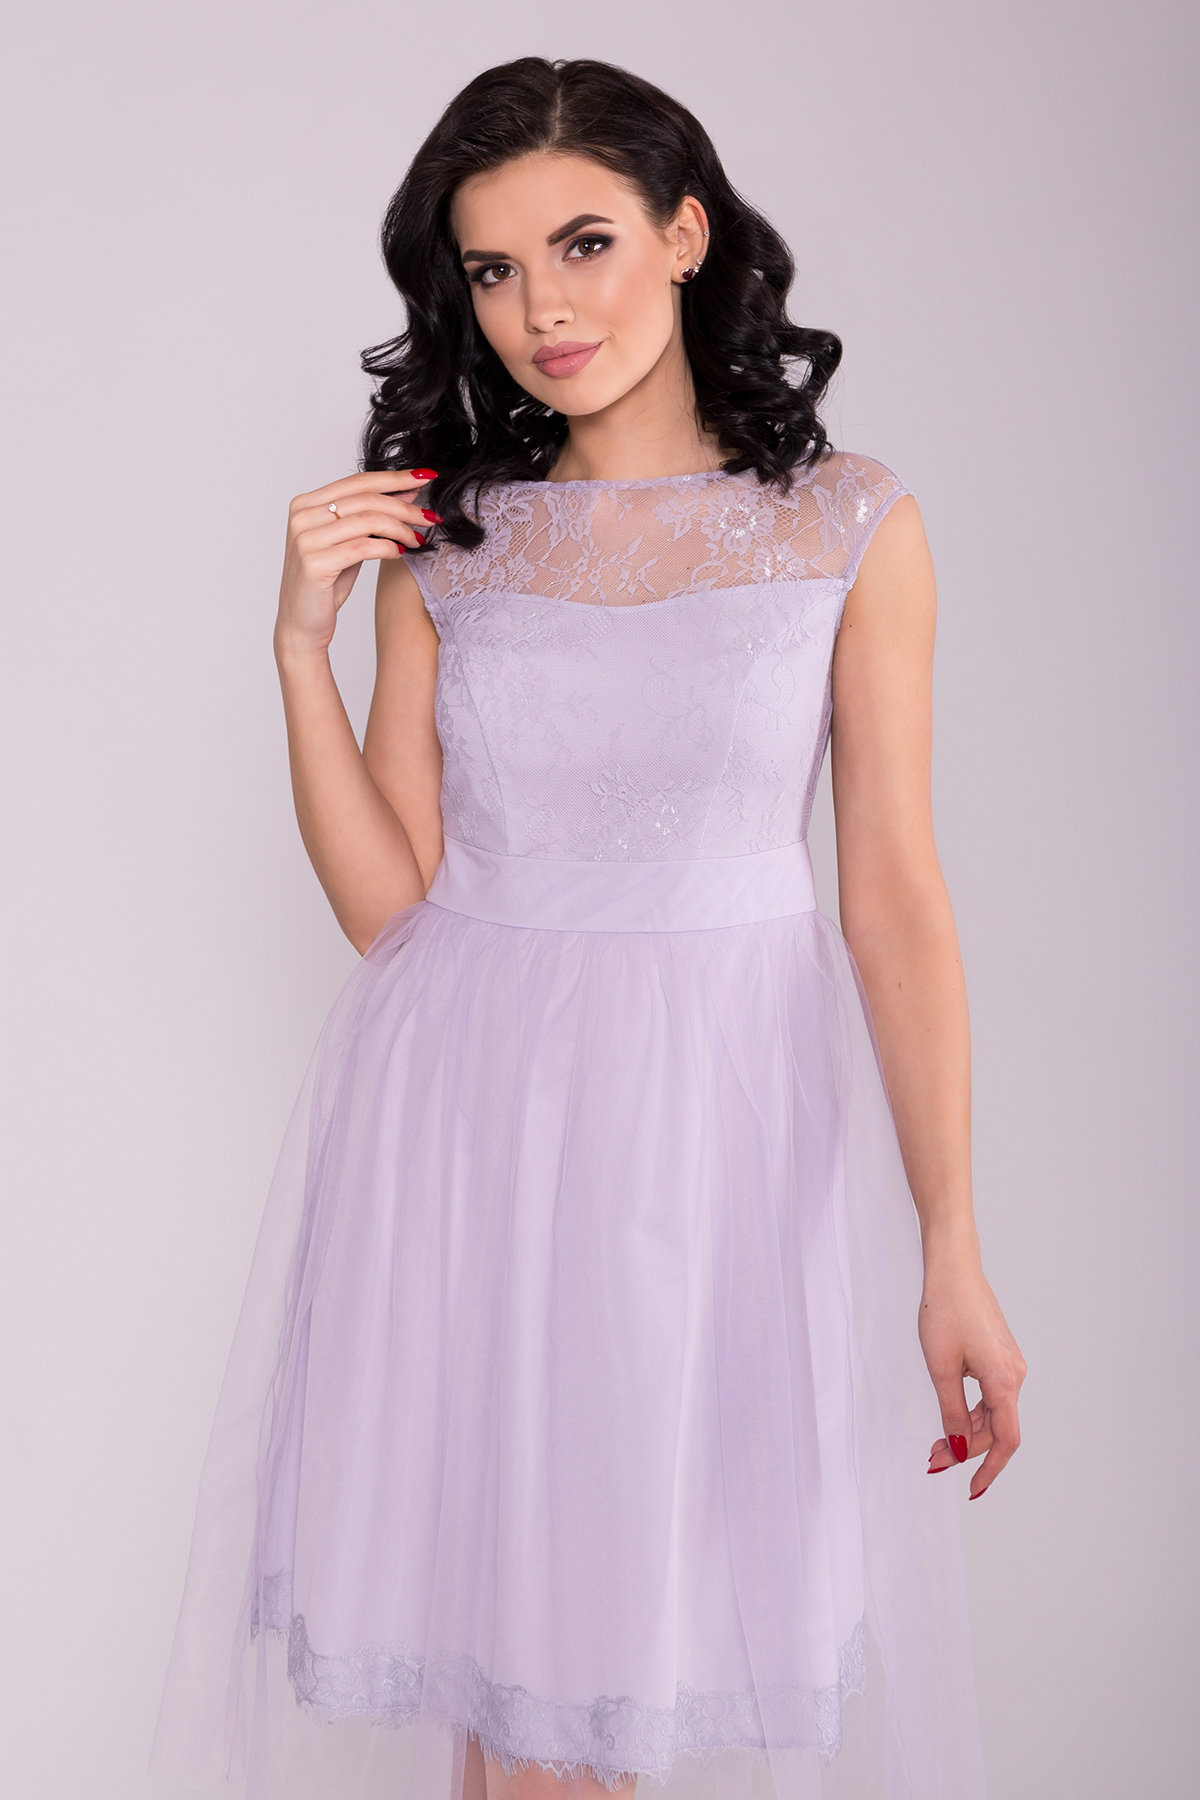 Платье Амур 6872 АРТ. 41986 Цвет: Серо-голубой/серо-голубой - фото 5, интернет магазин tm-modus.ru